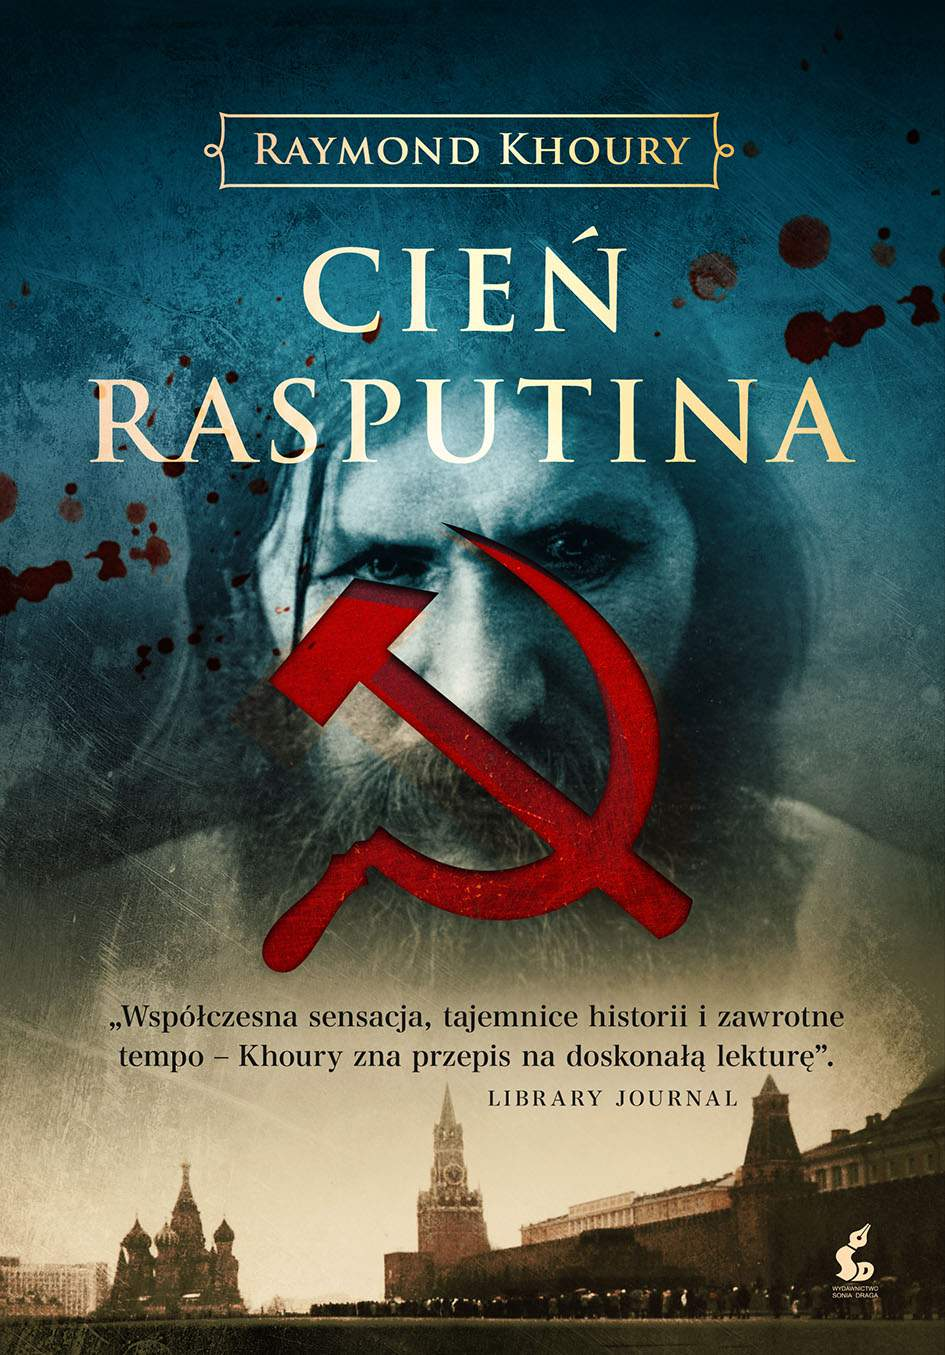 Cień Rasputina - Ebook (Książka EPUB) do pobrania w formacie EPUB